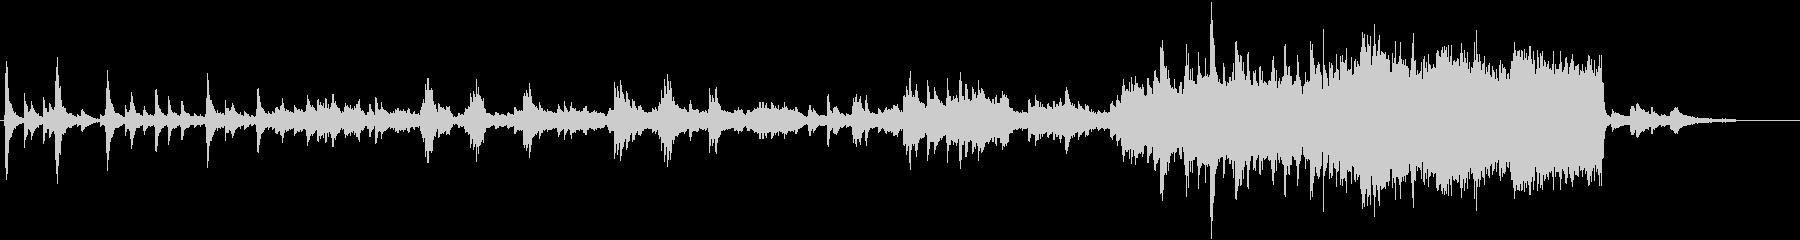 ピアノ オーケストラ 感動 ノスタルジーの未再生の波形